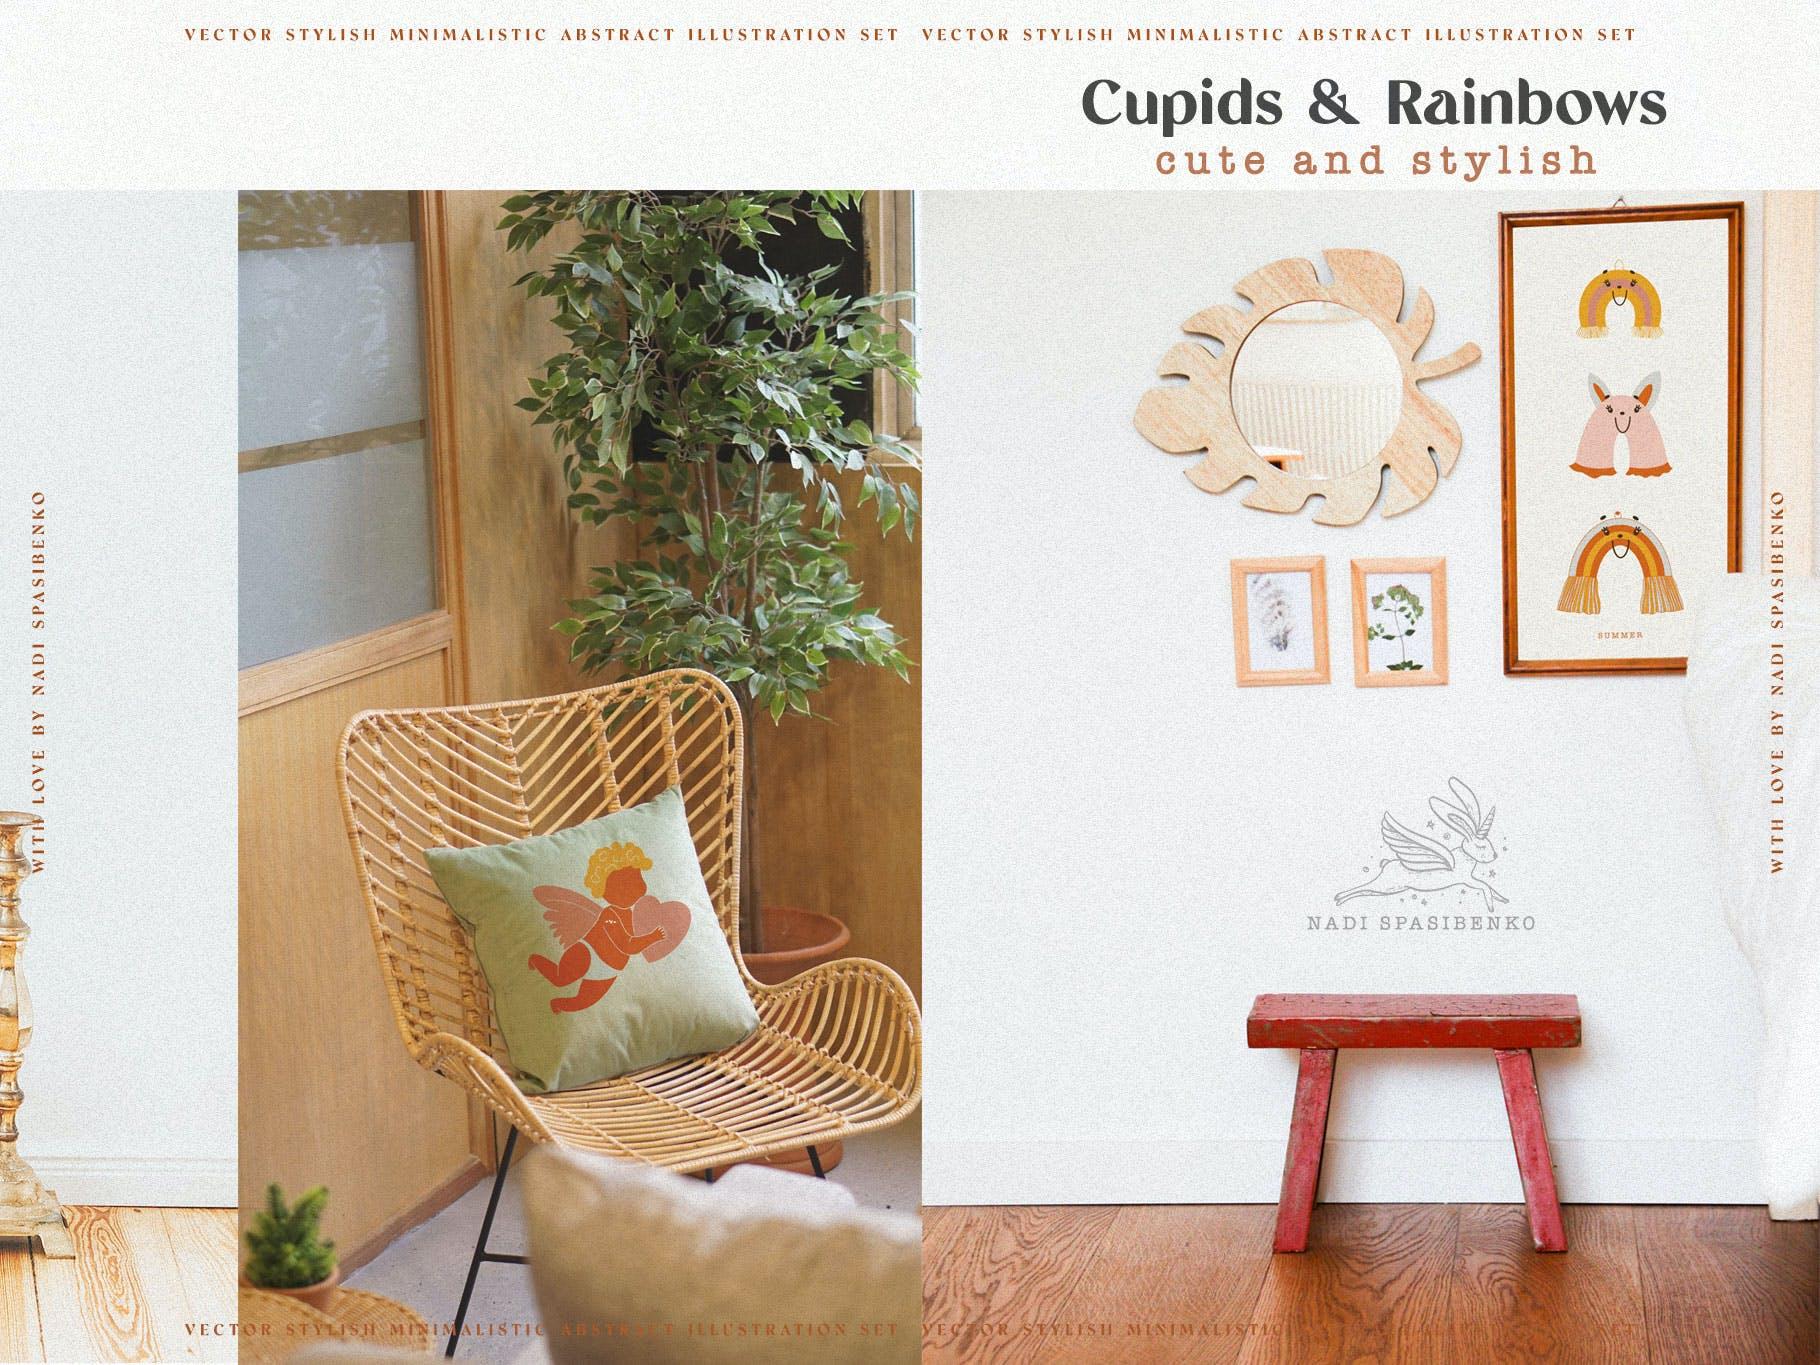 时尚抽象可爱卡通彩虹丘比特元素手绘插画矢量设计素材 Cupids & Cute Rainbows插图6